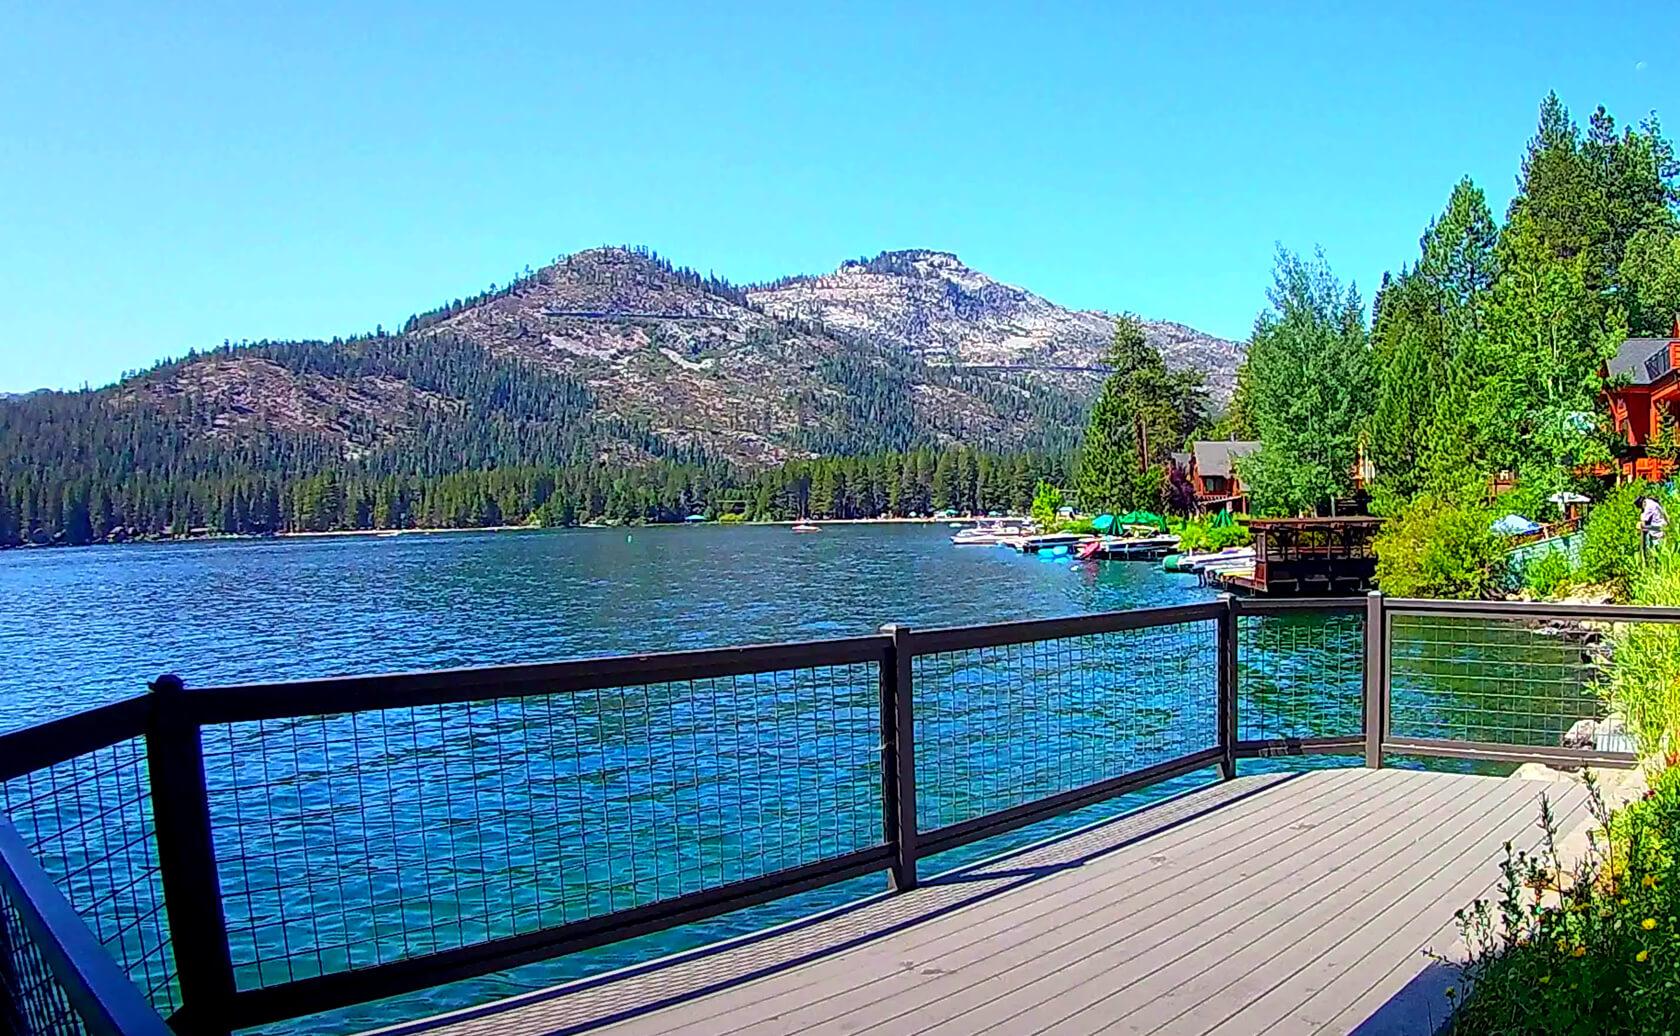 Donner-Lake-Fishing-Guide-Report-California-03